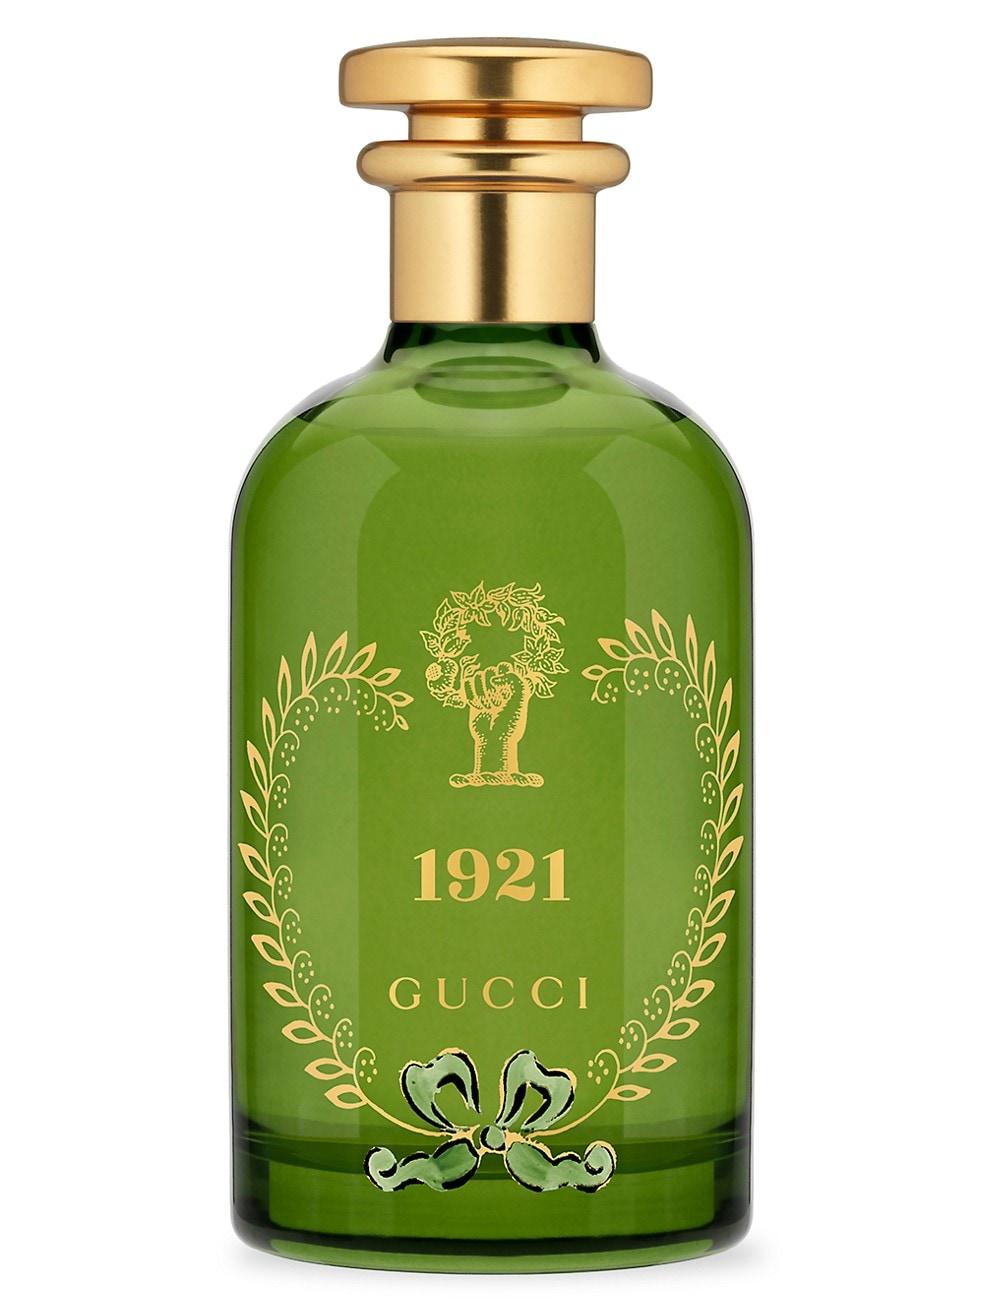 Gucci The Alchemists Garden 1921 Eau De Parfum